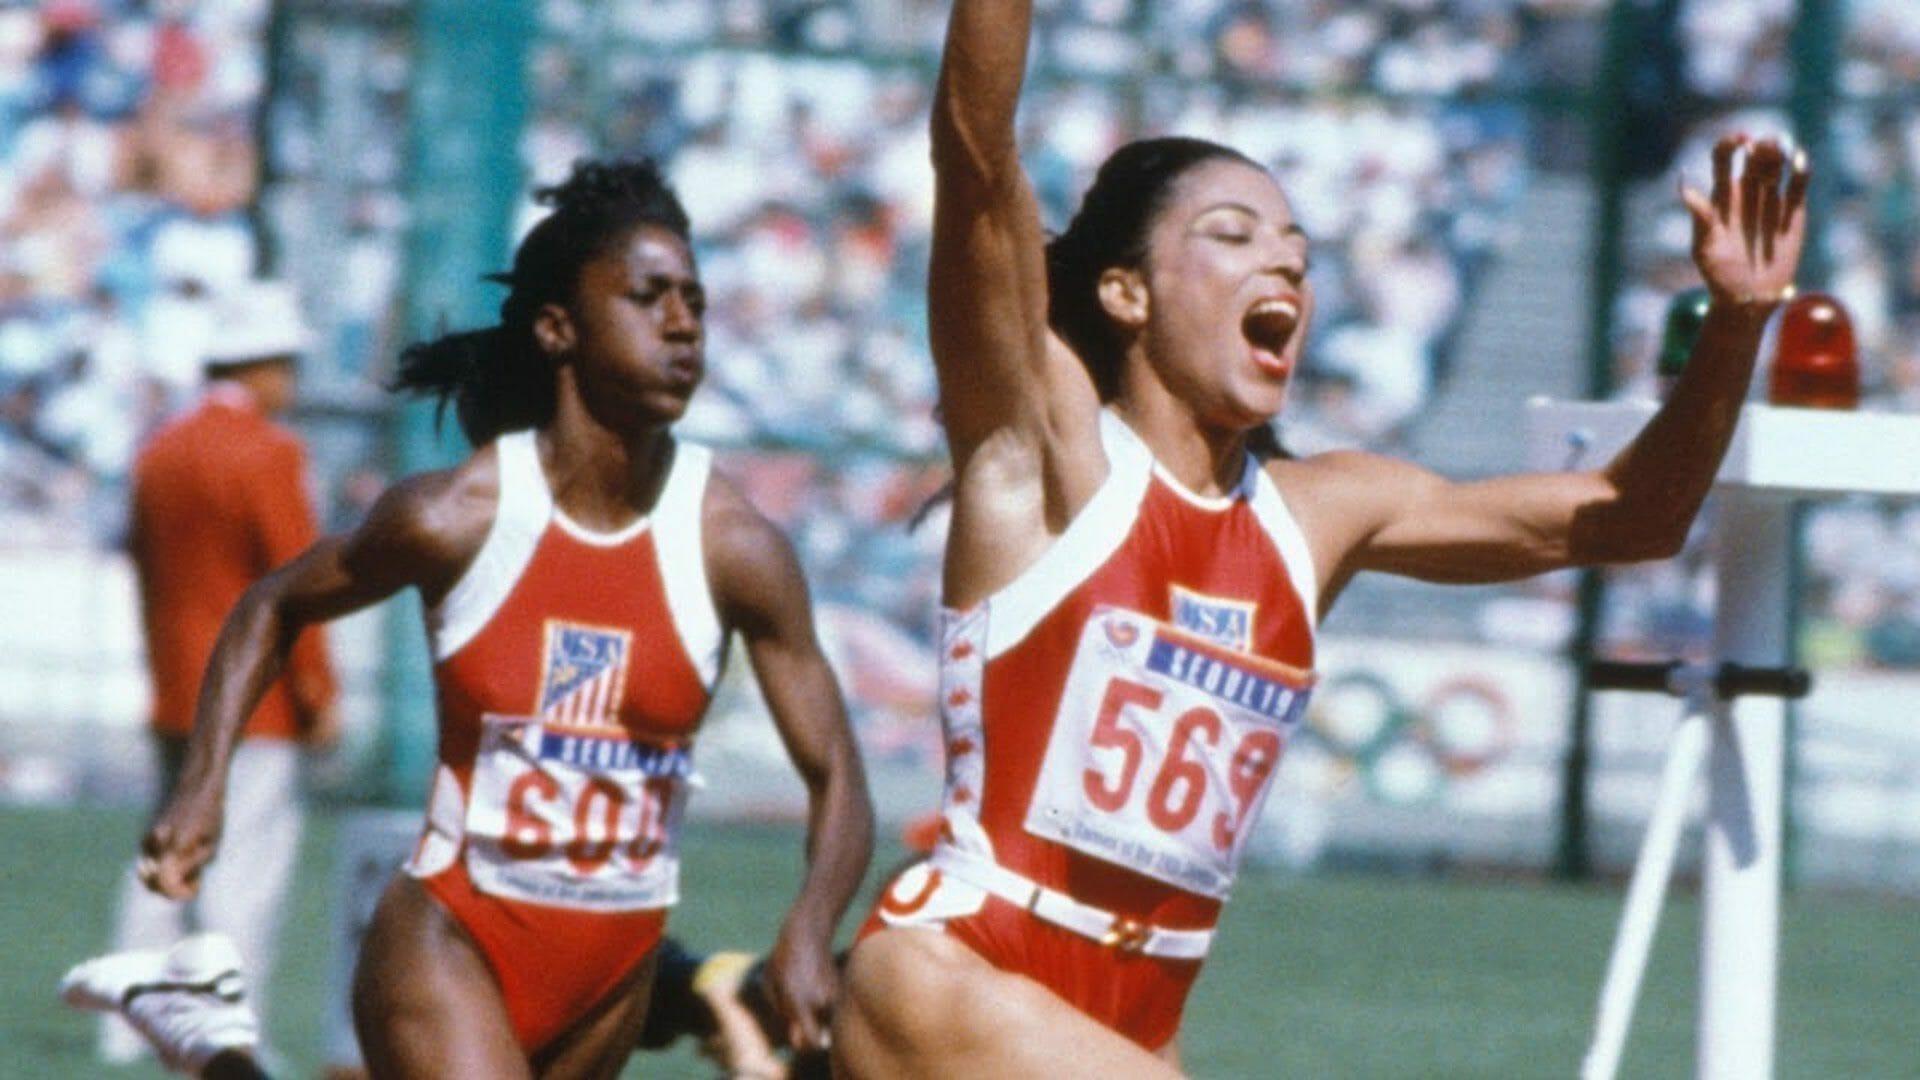 Beside Sport - Ces records du monde imbattables en athlétisme -